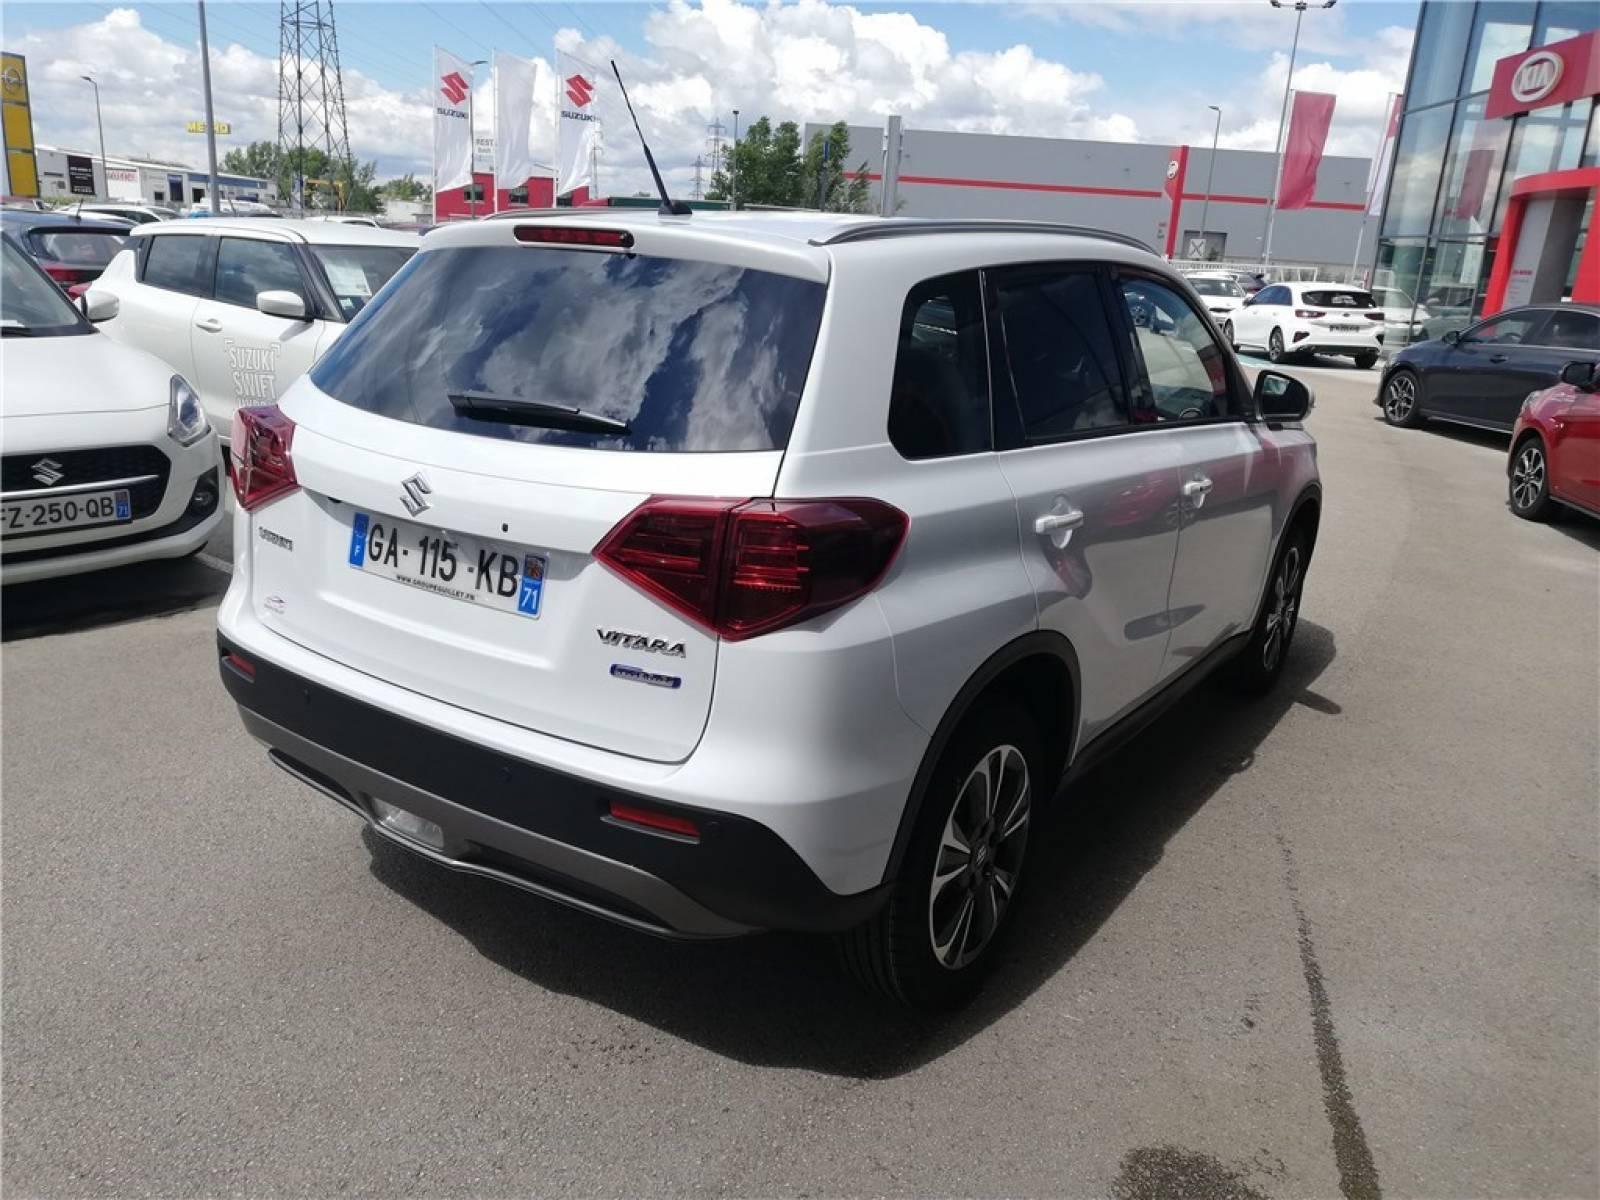 SUZUKI Vitara 1.4 Boosterjet Hybrid - véhicule d'occasion - Groupe Guillet - Hall de l'automobile - Chalon sur Saône - 71380 - Saint-Marcel - 21